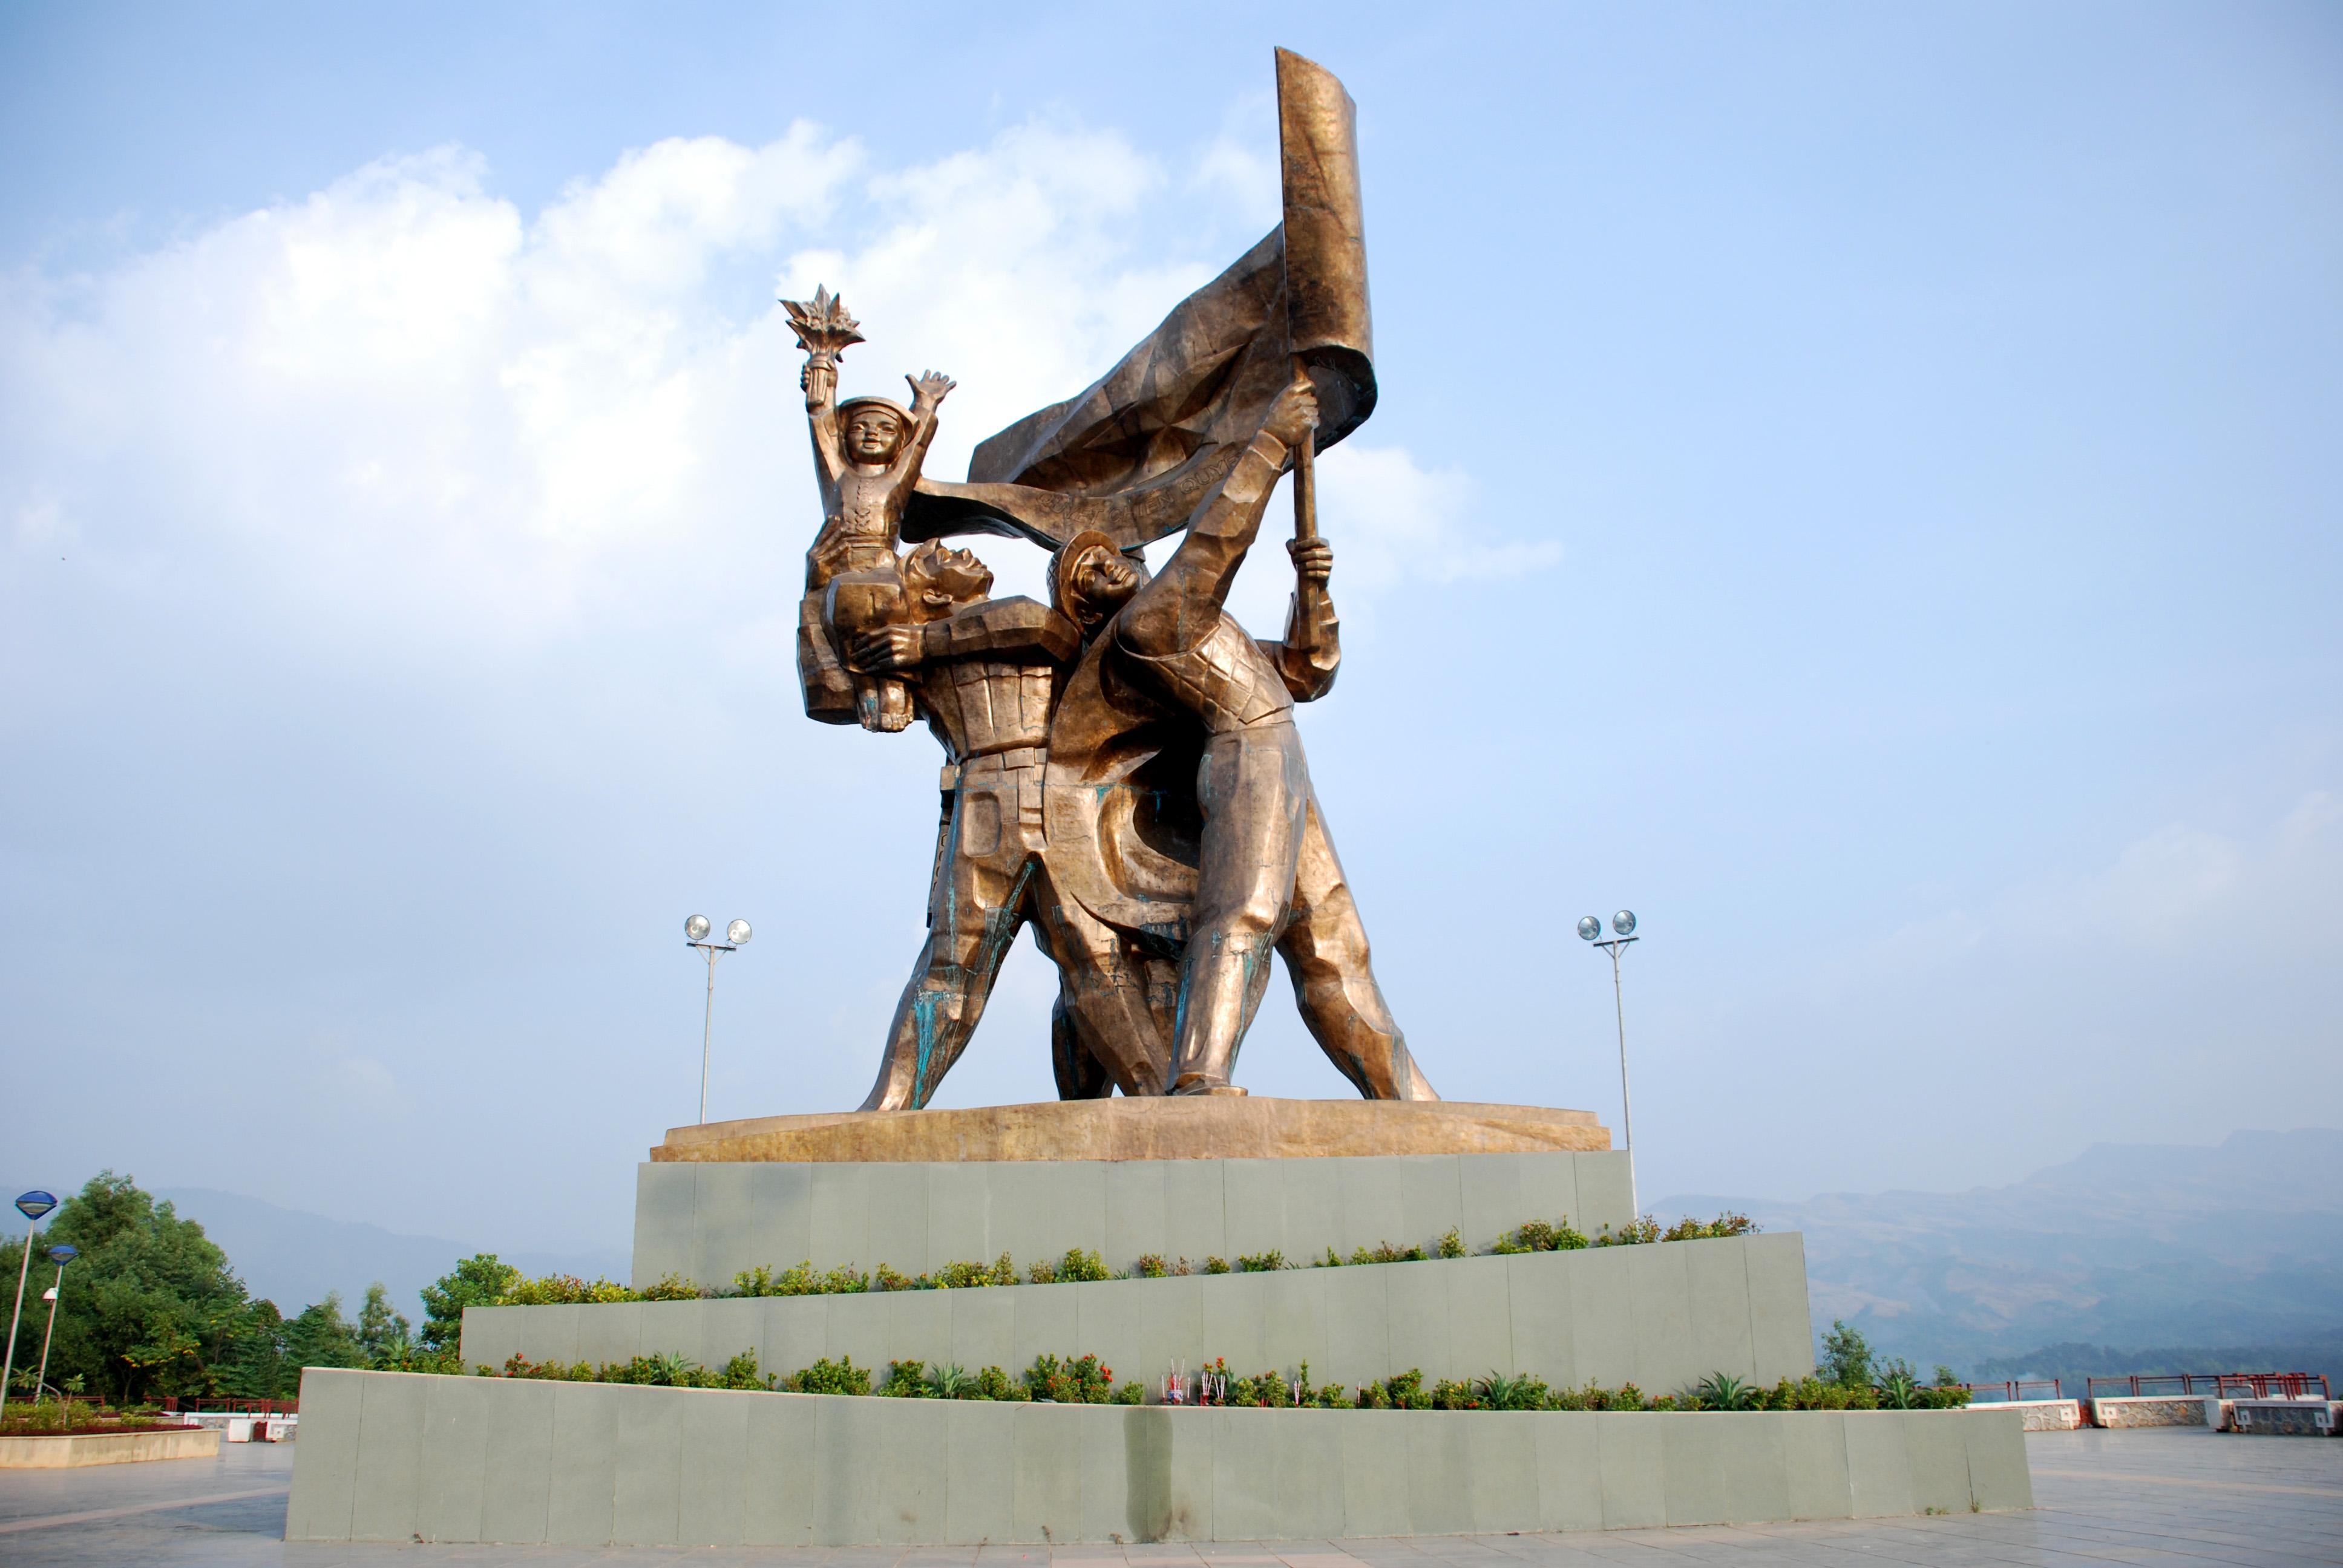 Đến với ở thành phố Điện Biên, nhìn lại điểm mốc sáng chói của người Việt.